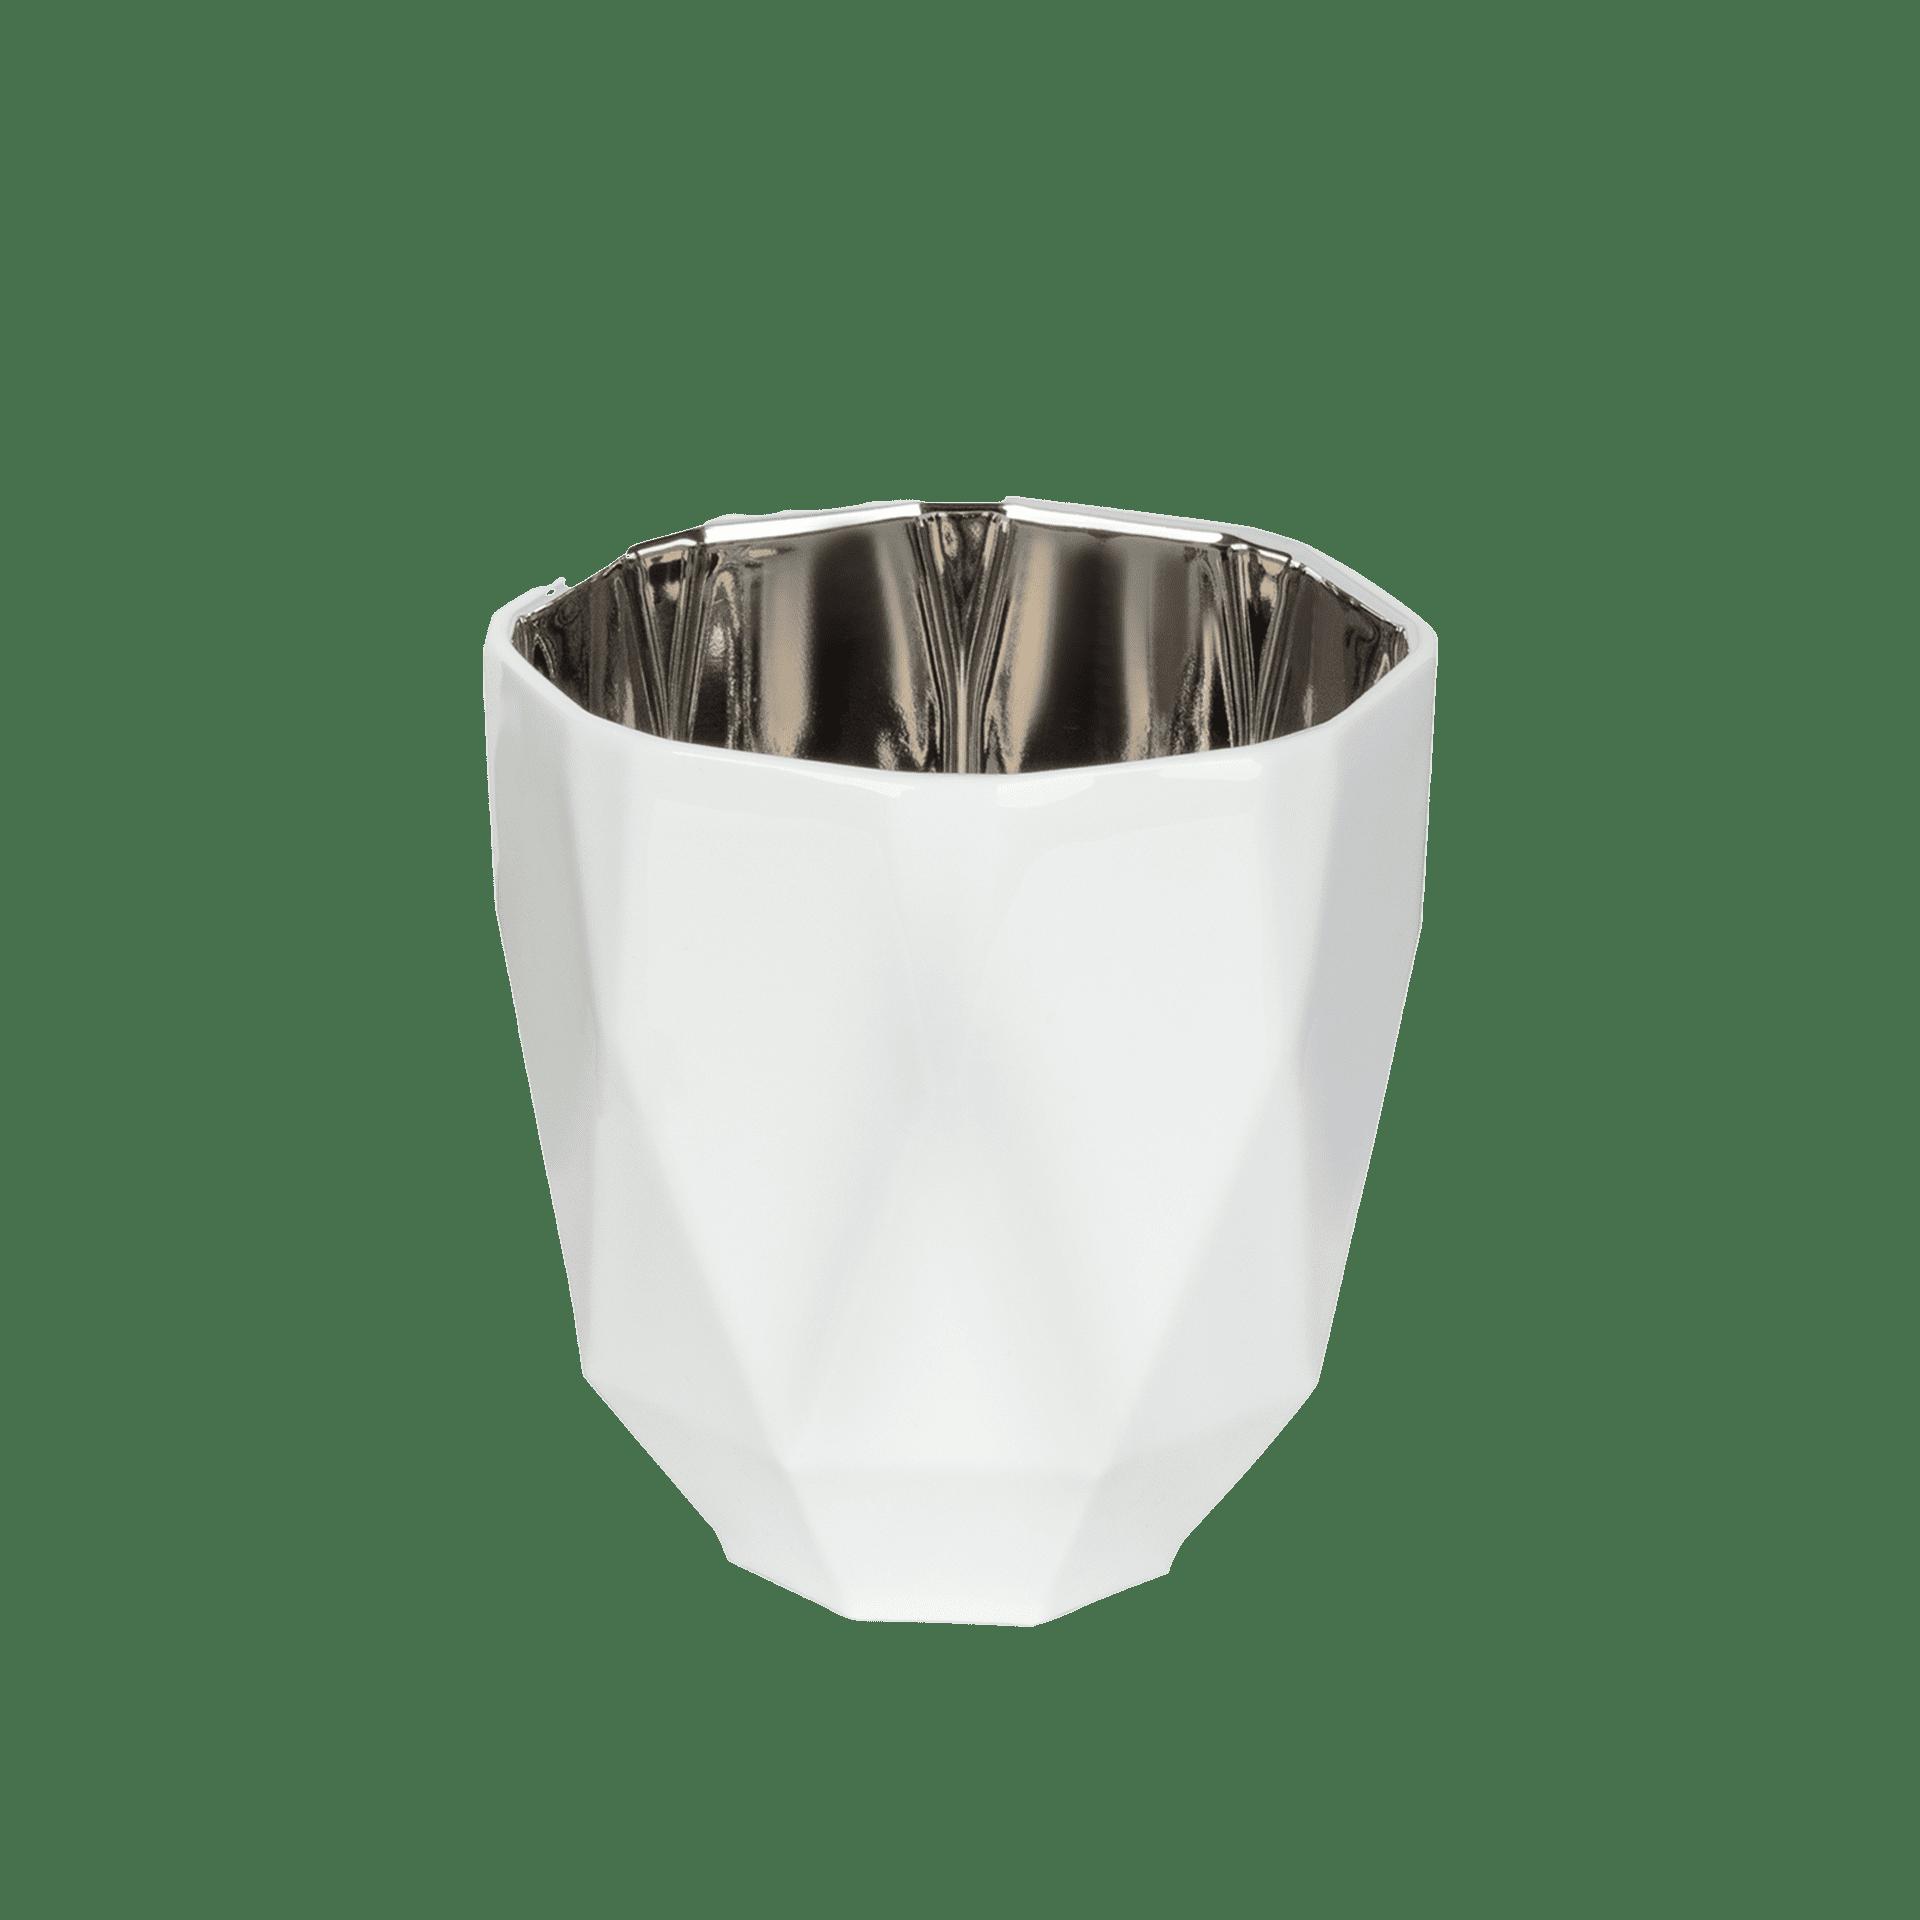 Porzellan Windlicht in Weiß mit Silber - Mahlwerck Shop